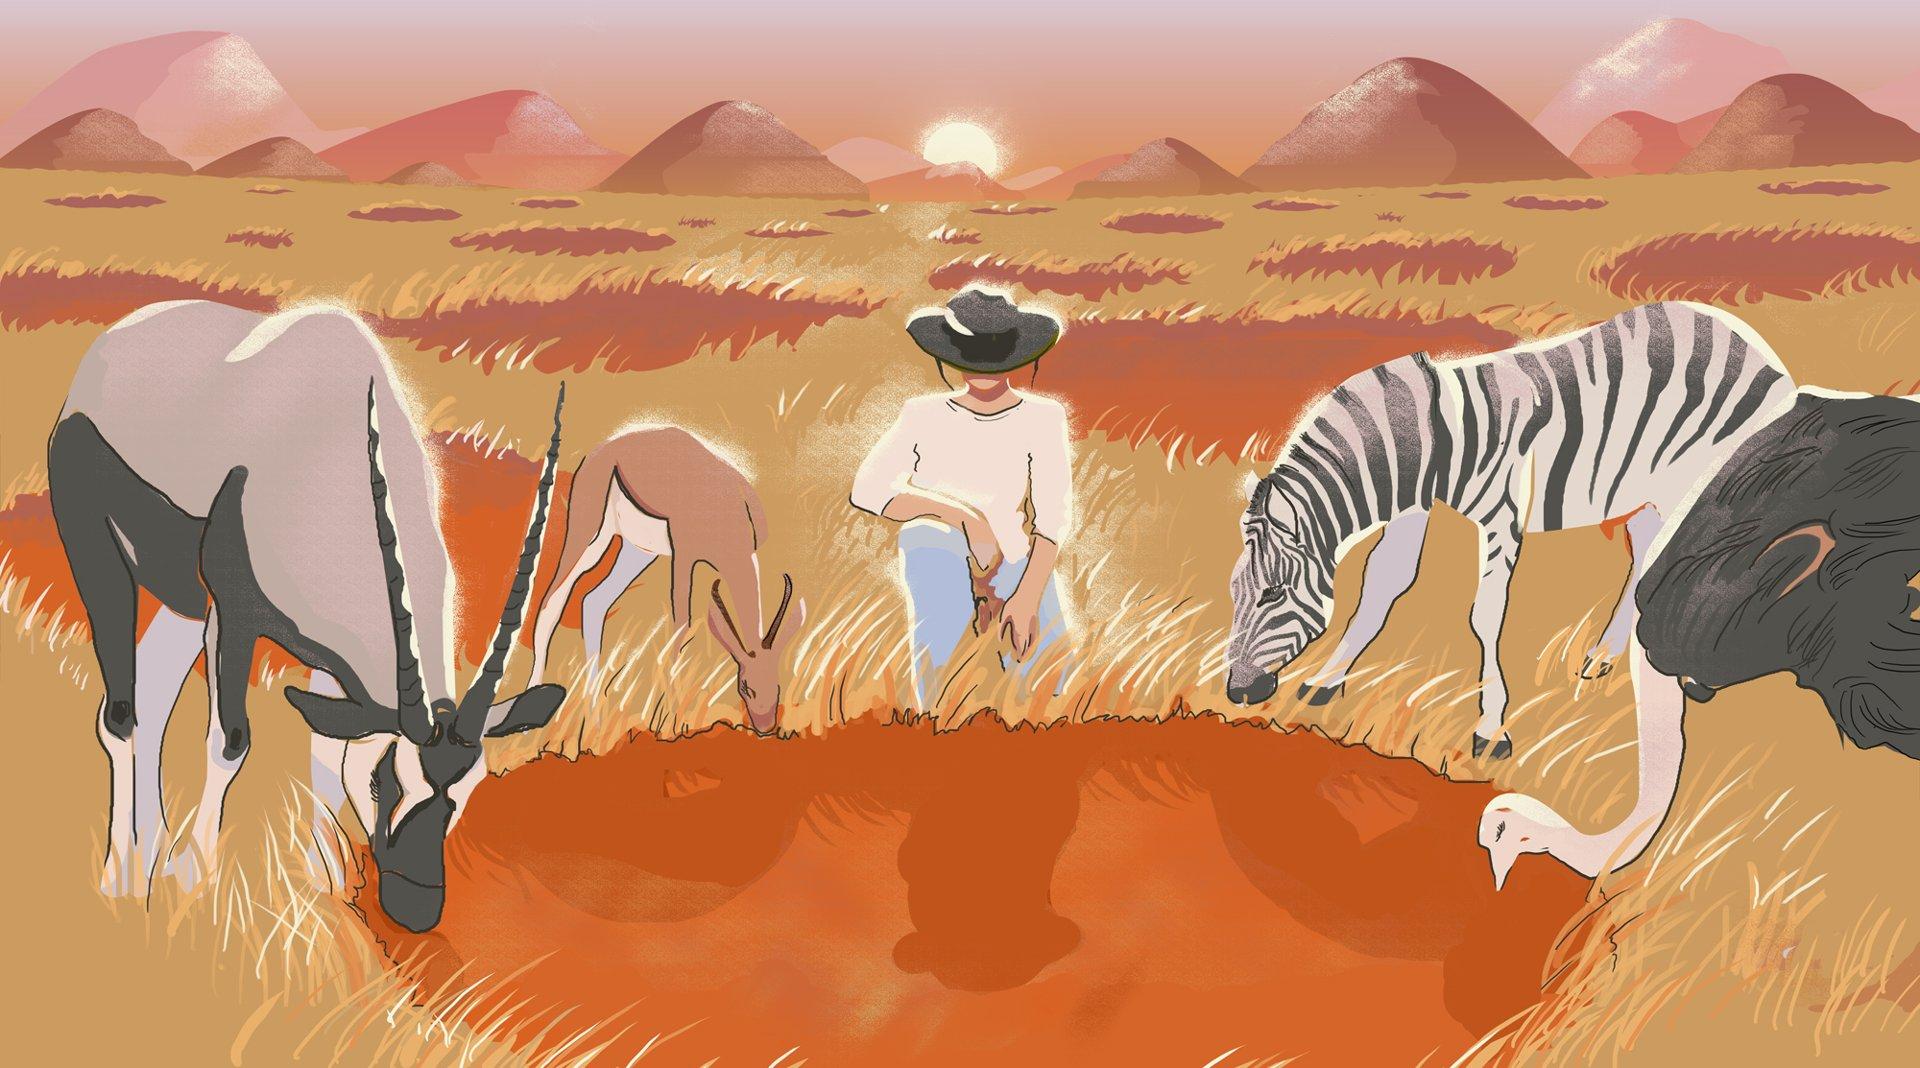 Экспедиция к загадочным кругам фей в пустыне Намиб - 1